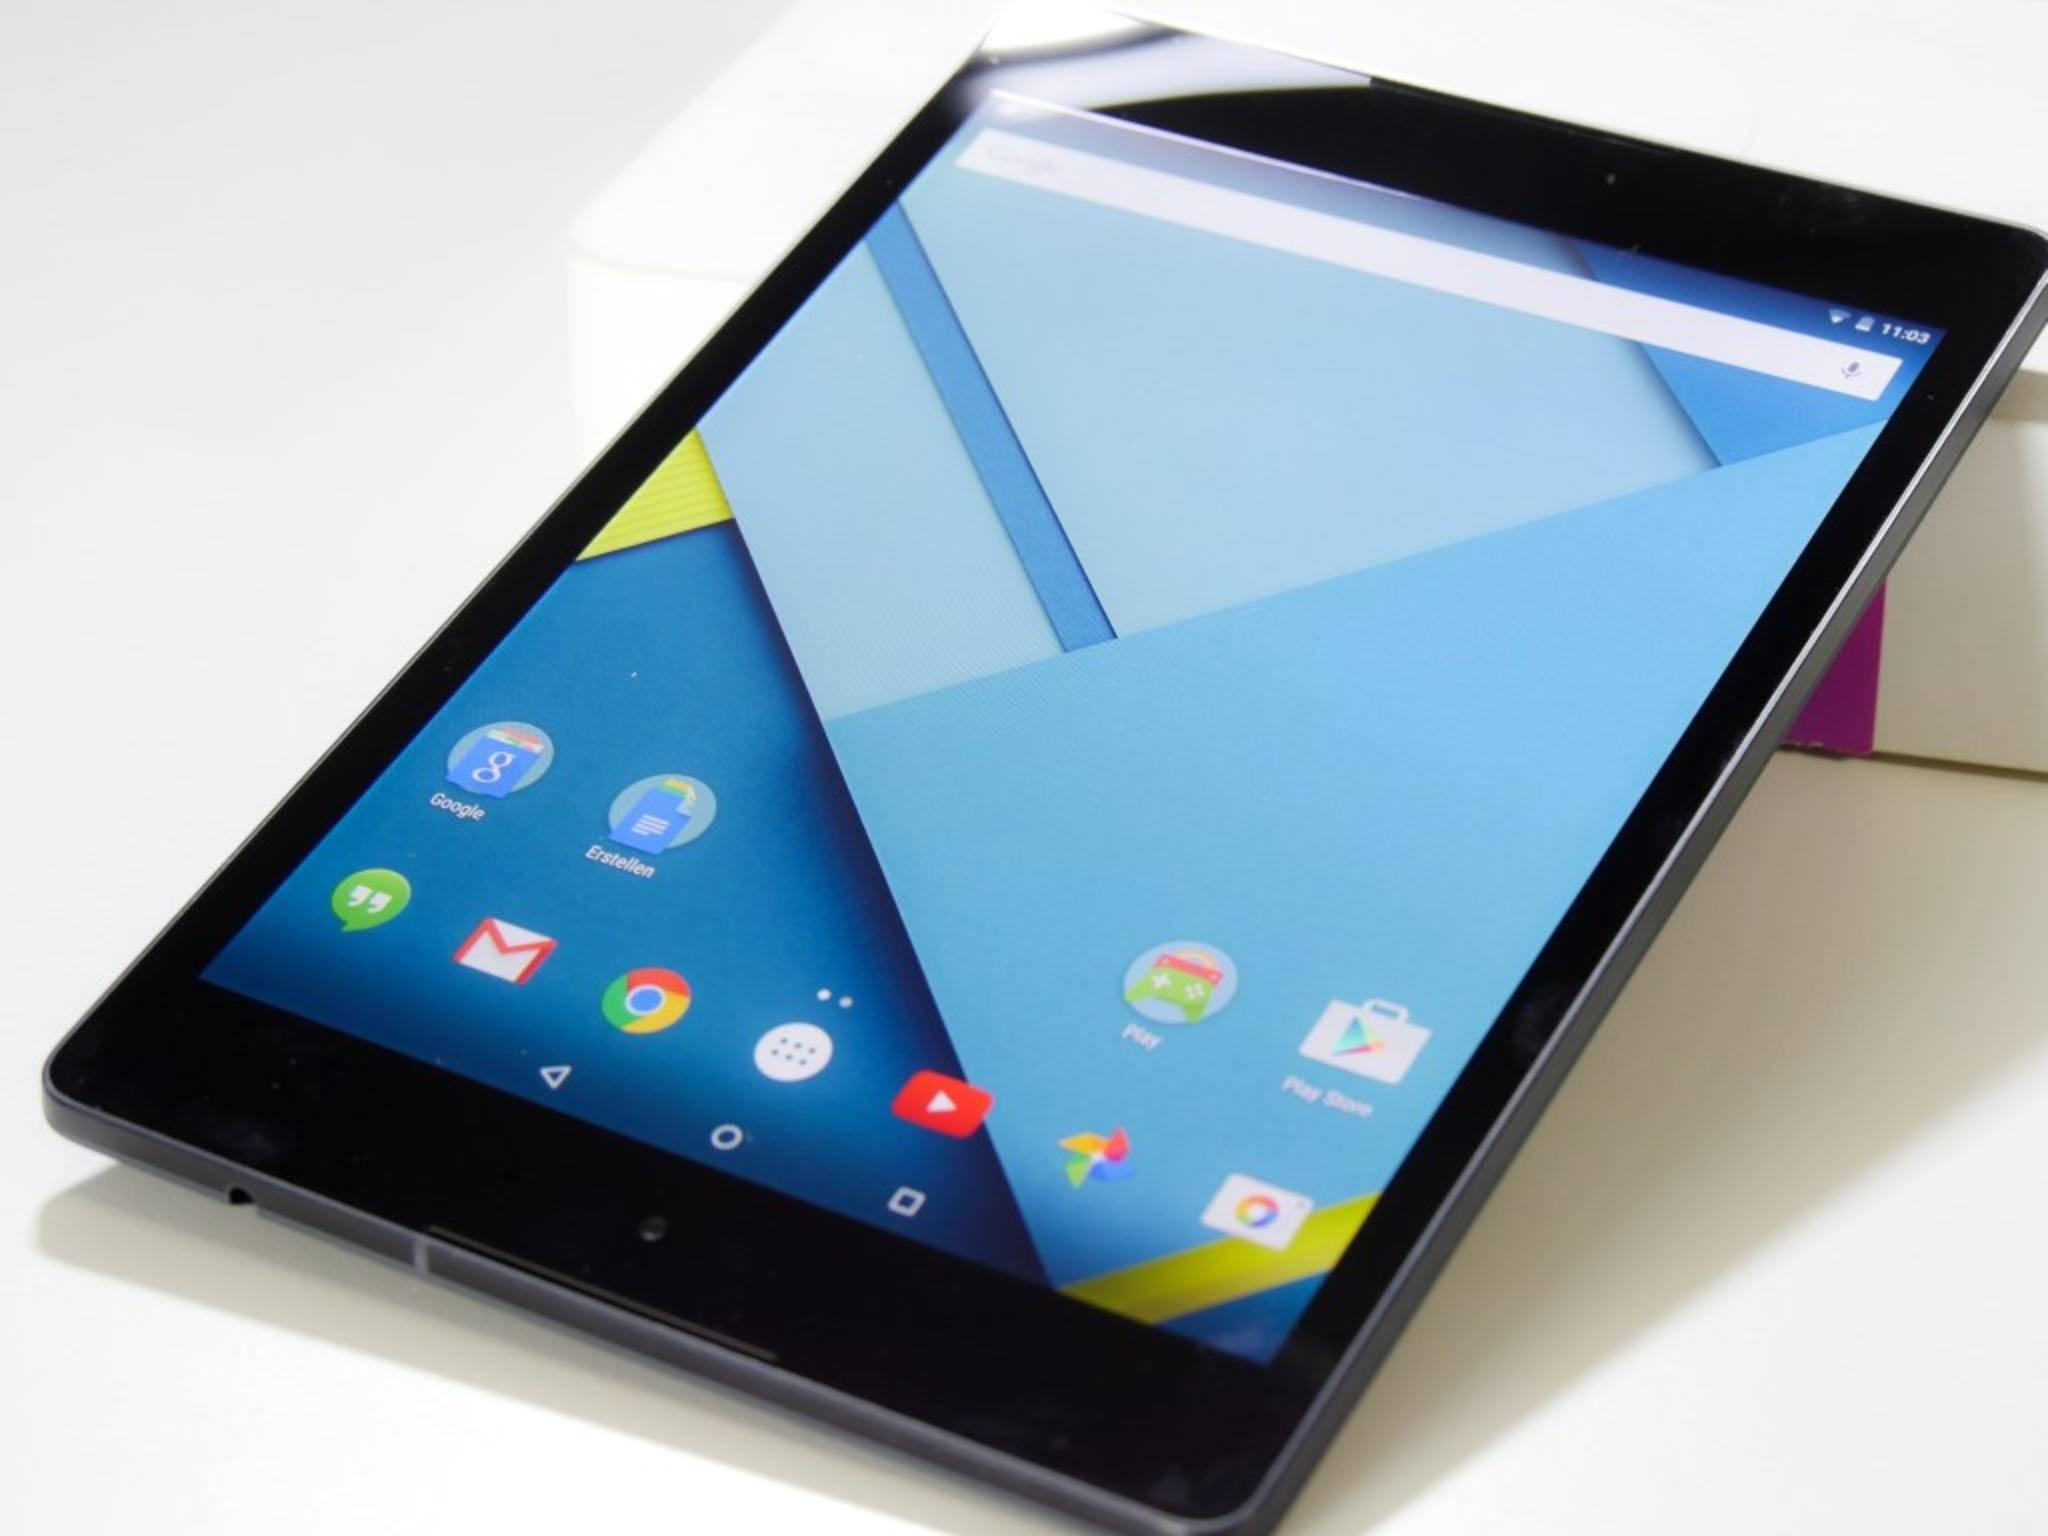 Geht das Design des HTC One M9 in Richtung des Google Nexus 9?